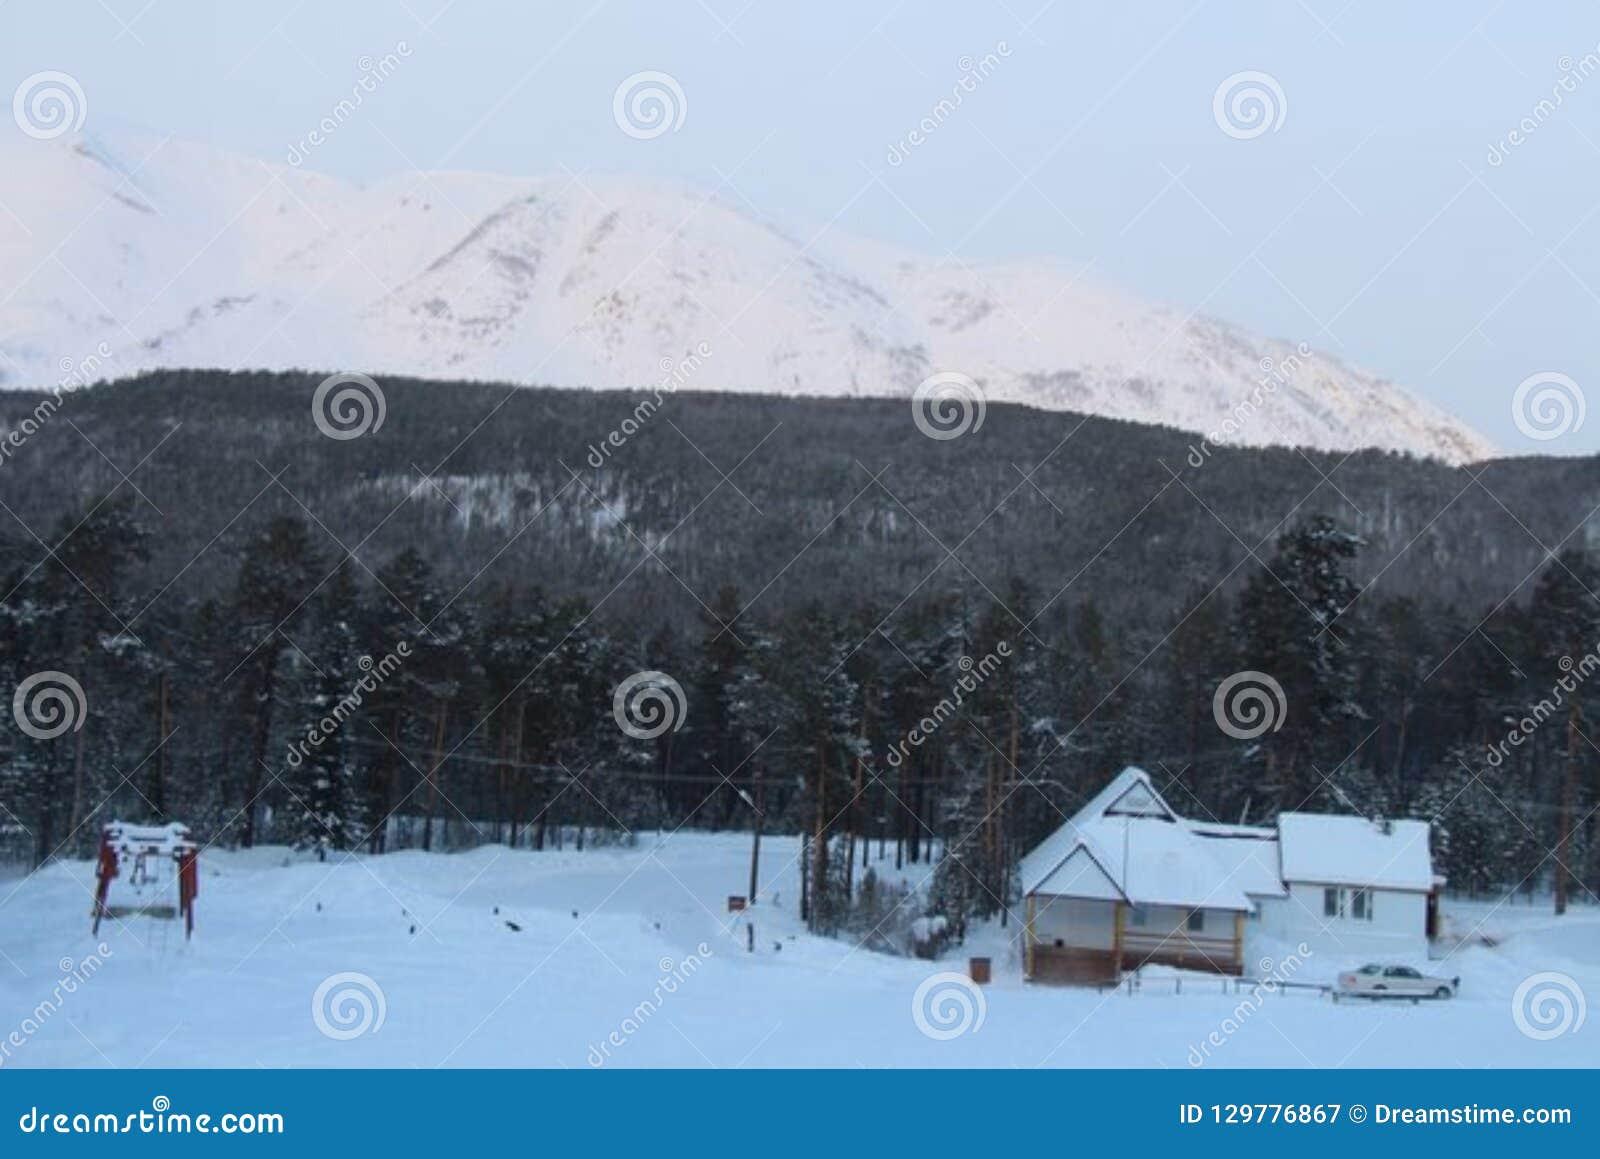 Σιβηρία, σκι